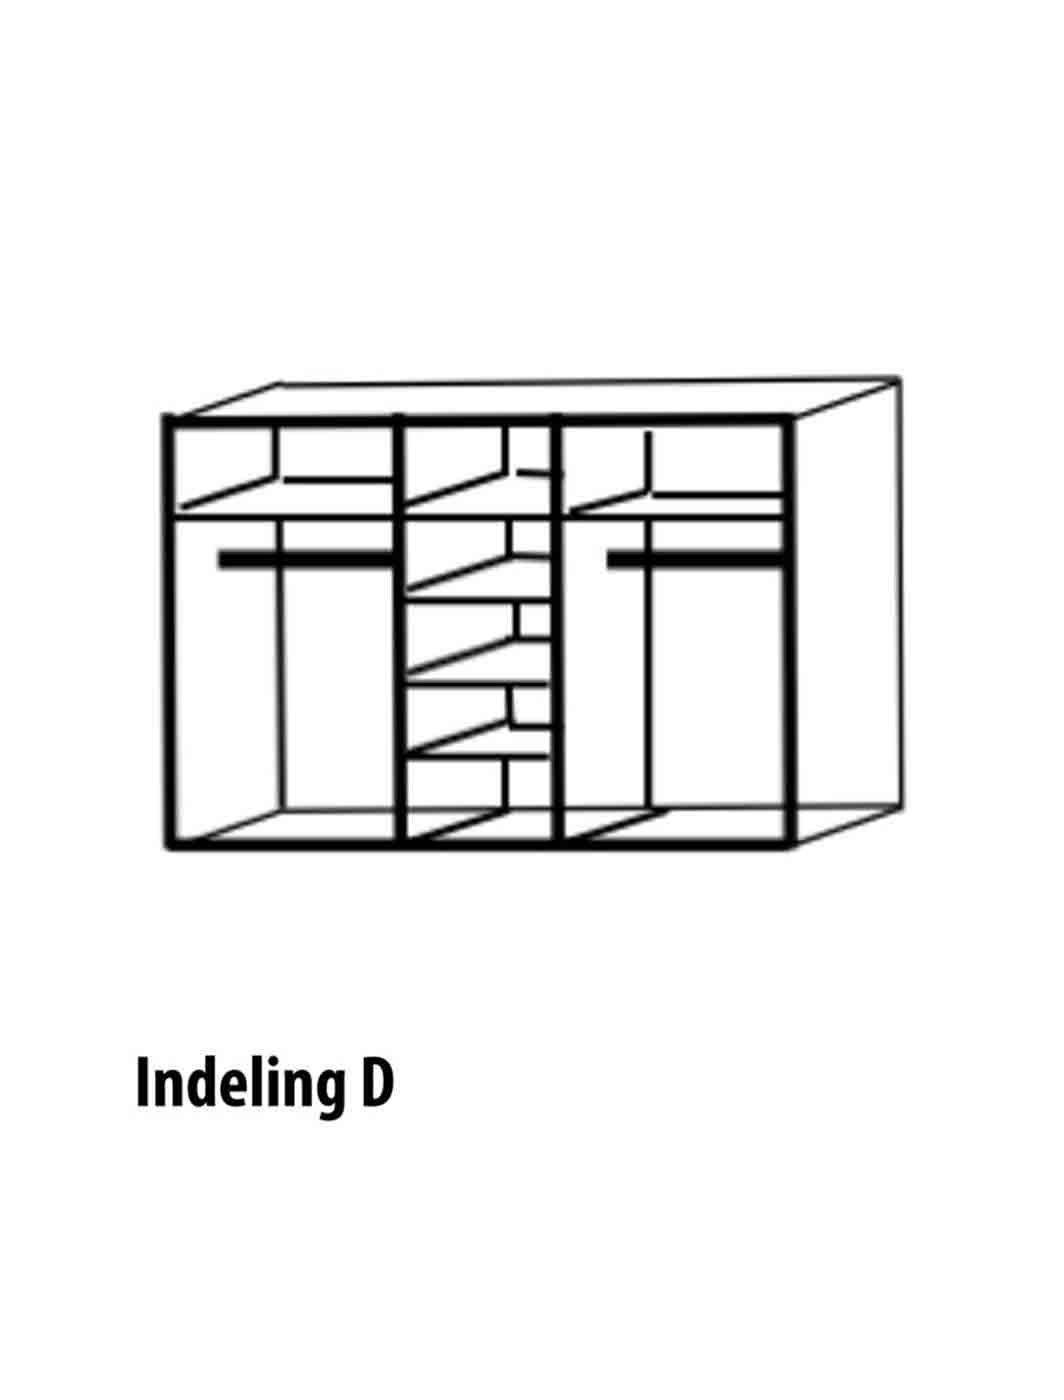 Vijfdeurs-Indeling-D